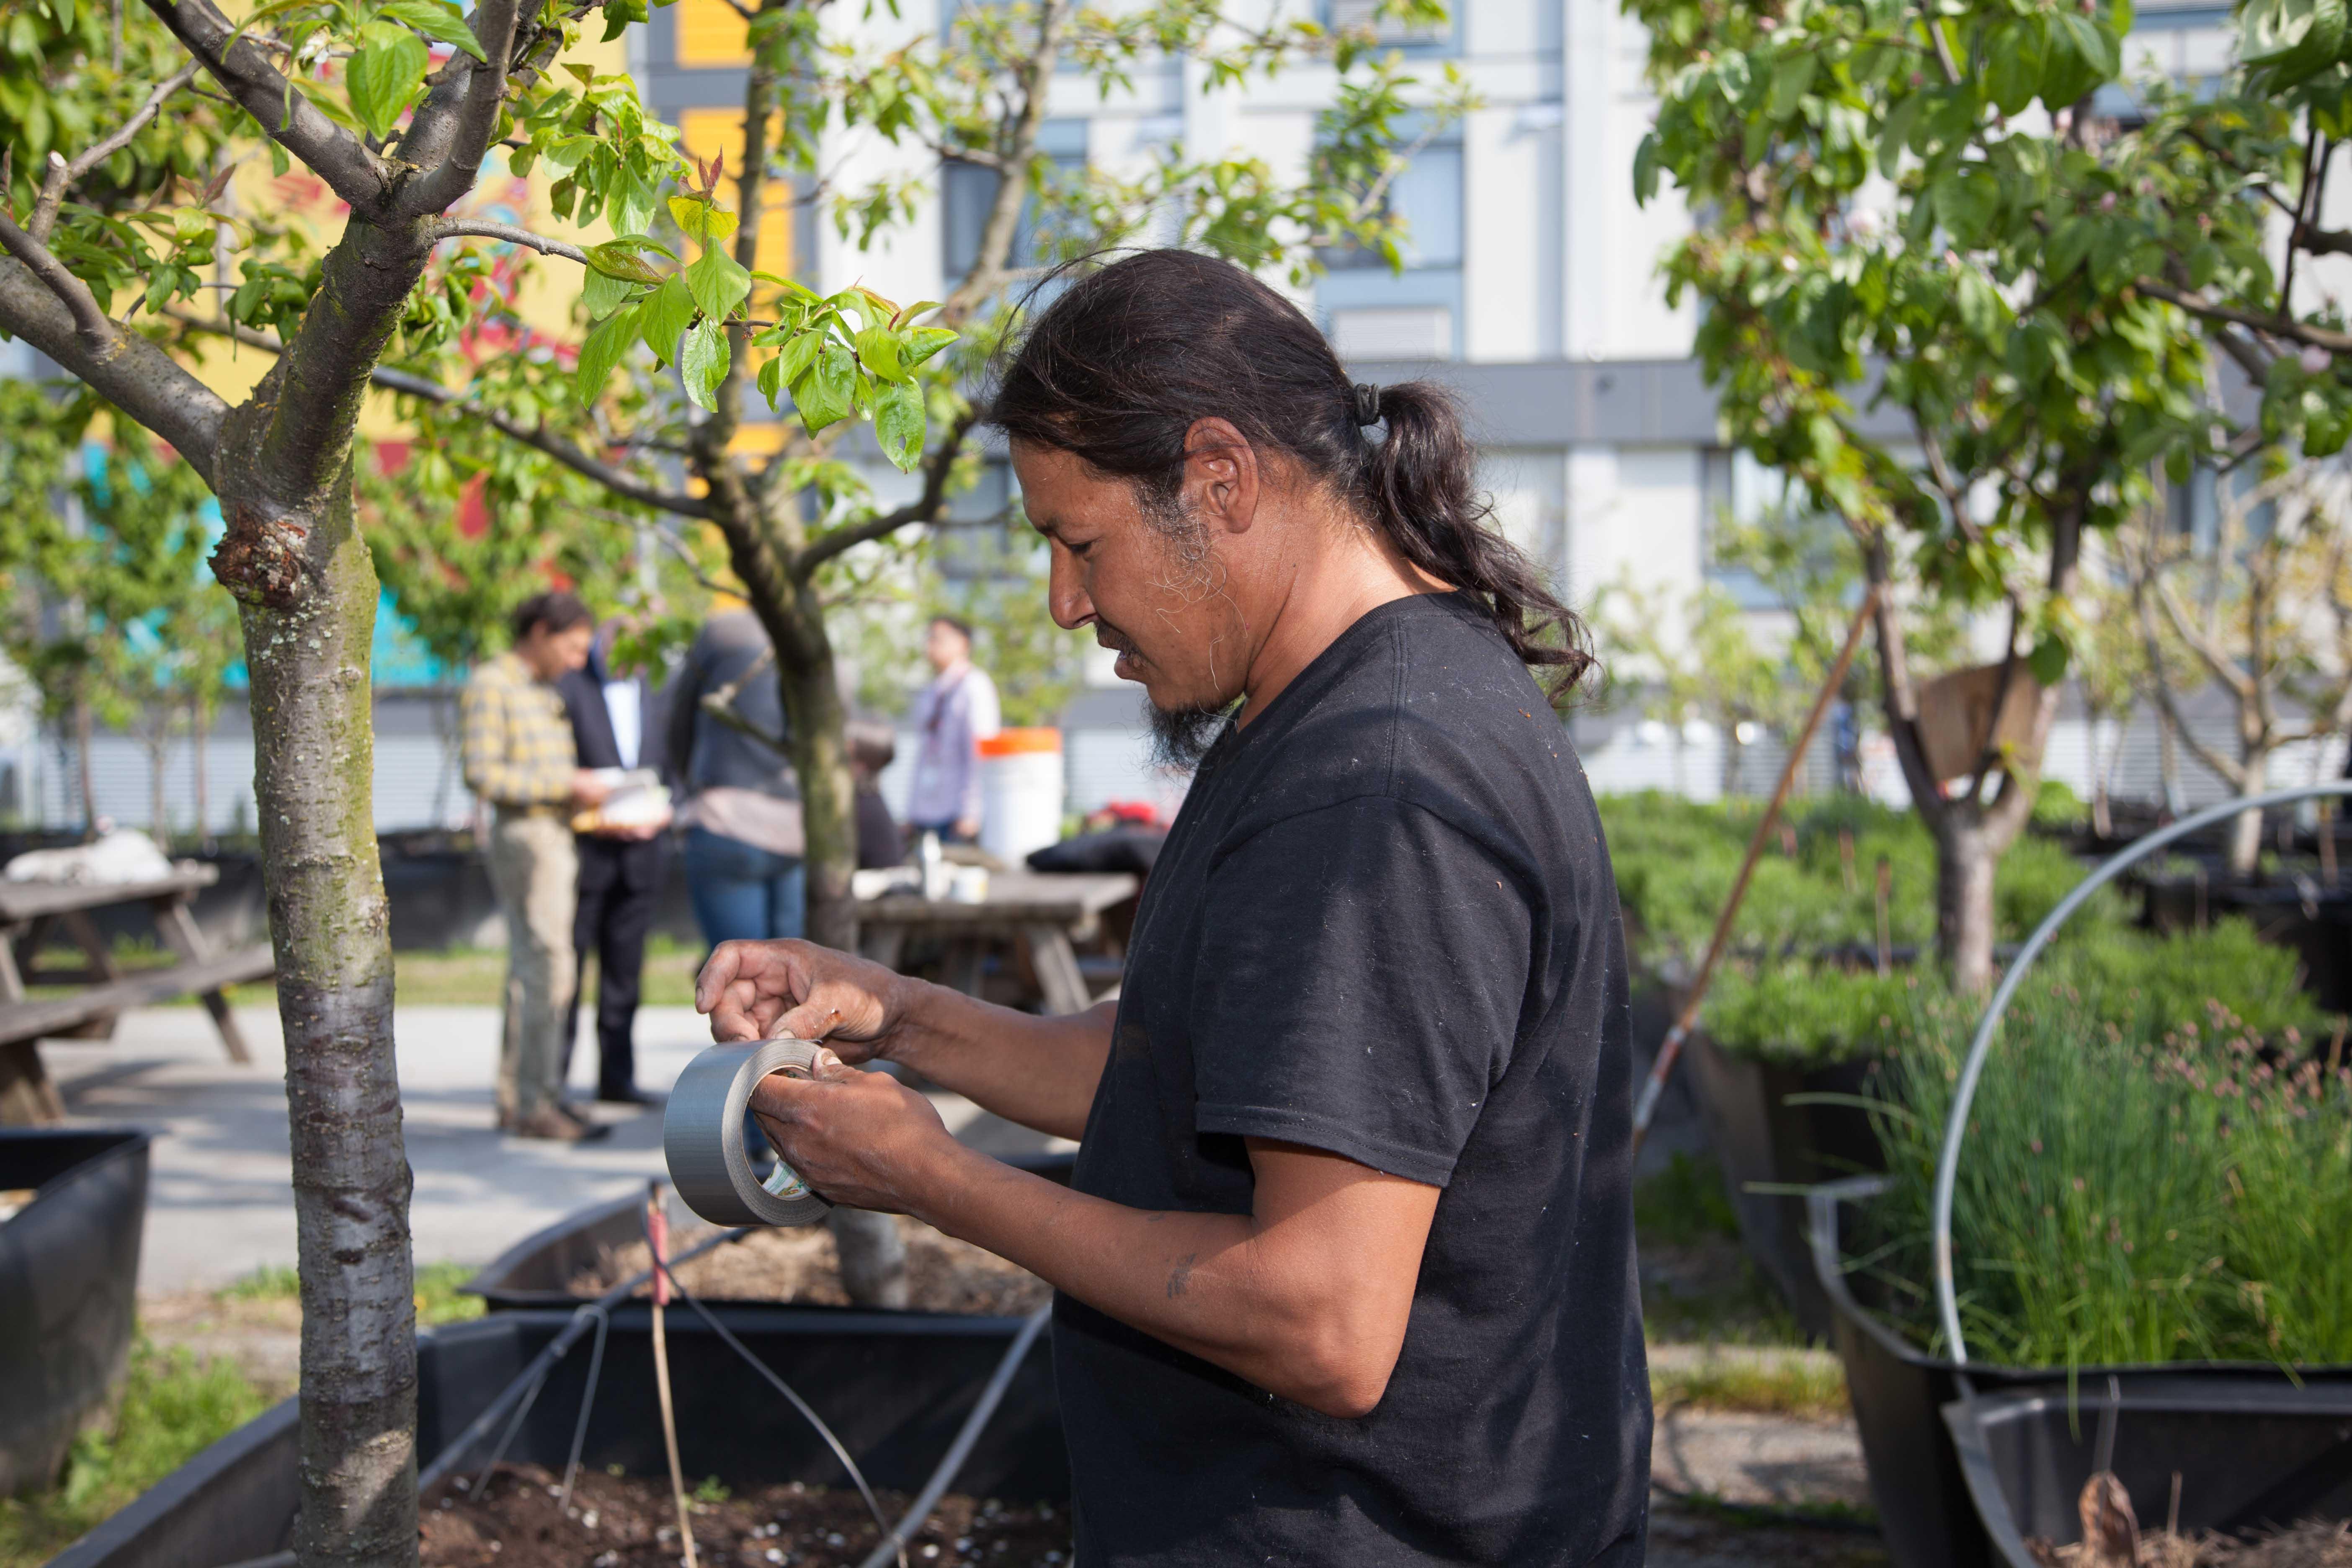 Les fermes Sole Food Street de Vancouver transforment les terrains urbains vacants en fermes de rue pour cultiver les fruits et légumes de qualité artisanale, disponibles dans les marchés de producteurs, les restaurants locaux et les points de vente au détail. La mission de Sole Food est de responsabiliser les individus aux ressources limitées en fournissant des emplois, une formation agricole et l'inclusion dans une communauté solidaire d'agriculteurs et d'amateurs d'aliment. (crédits: Province of British Columbia / Flickr Creative Commons Attribution - Pas d'Utilisation Commerciale - Pas de Modification 2.0 Générique (CC BY-NC-ND 2.0))